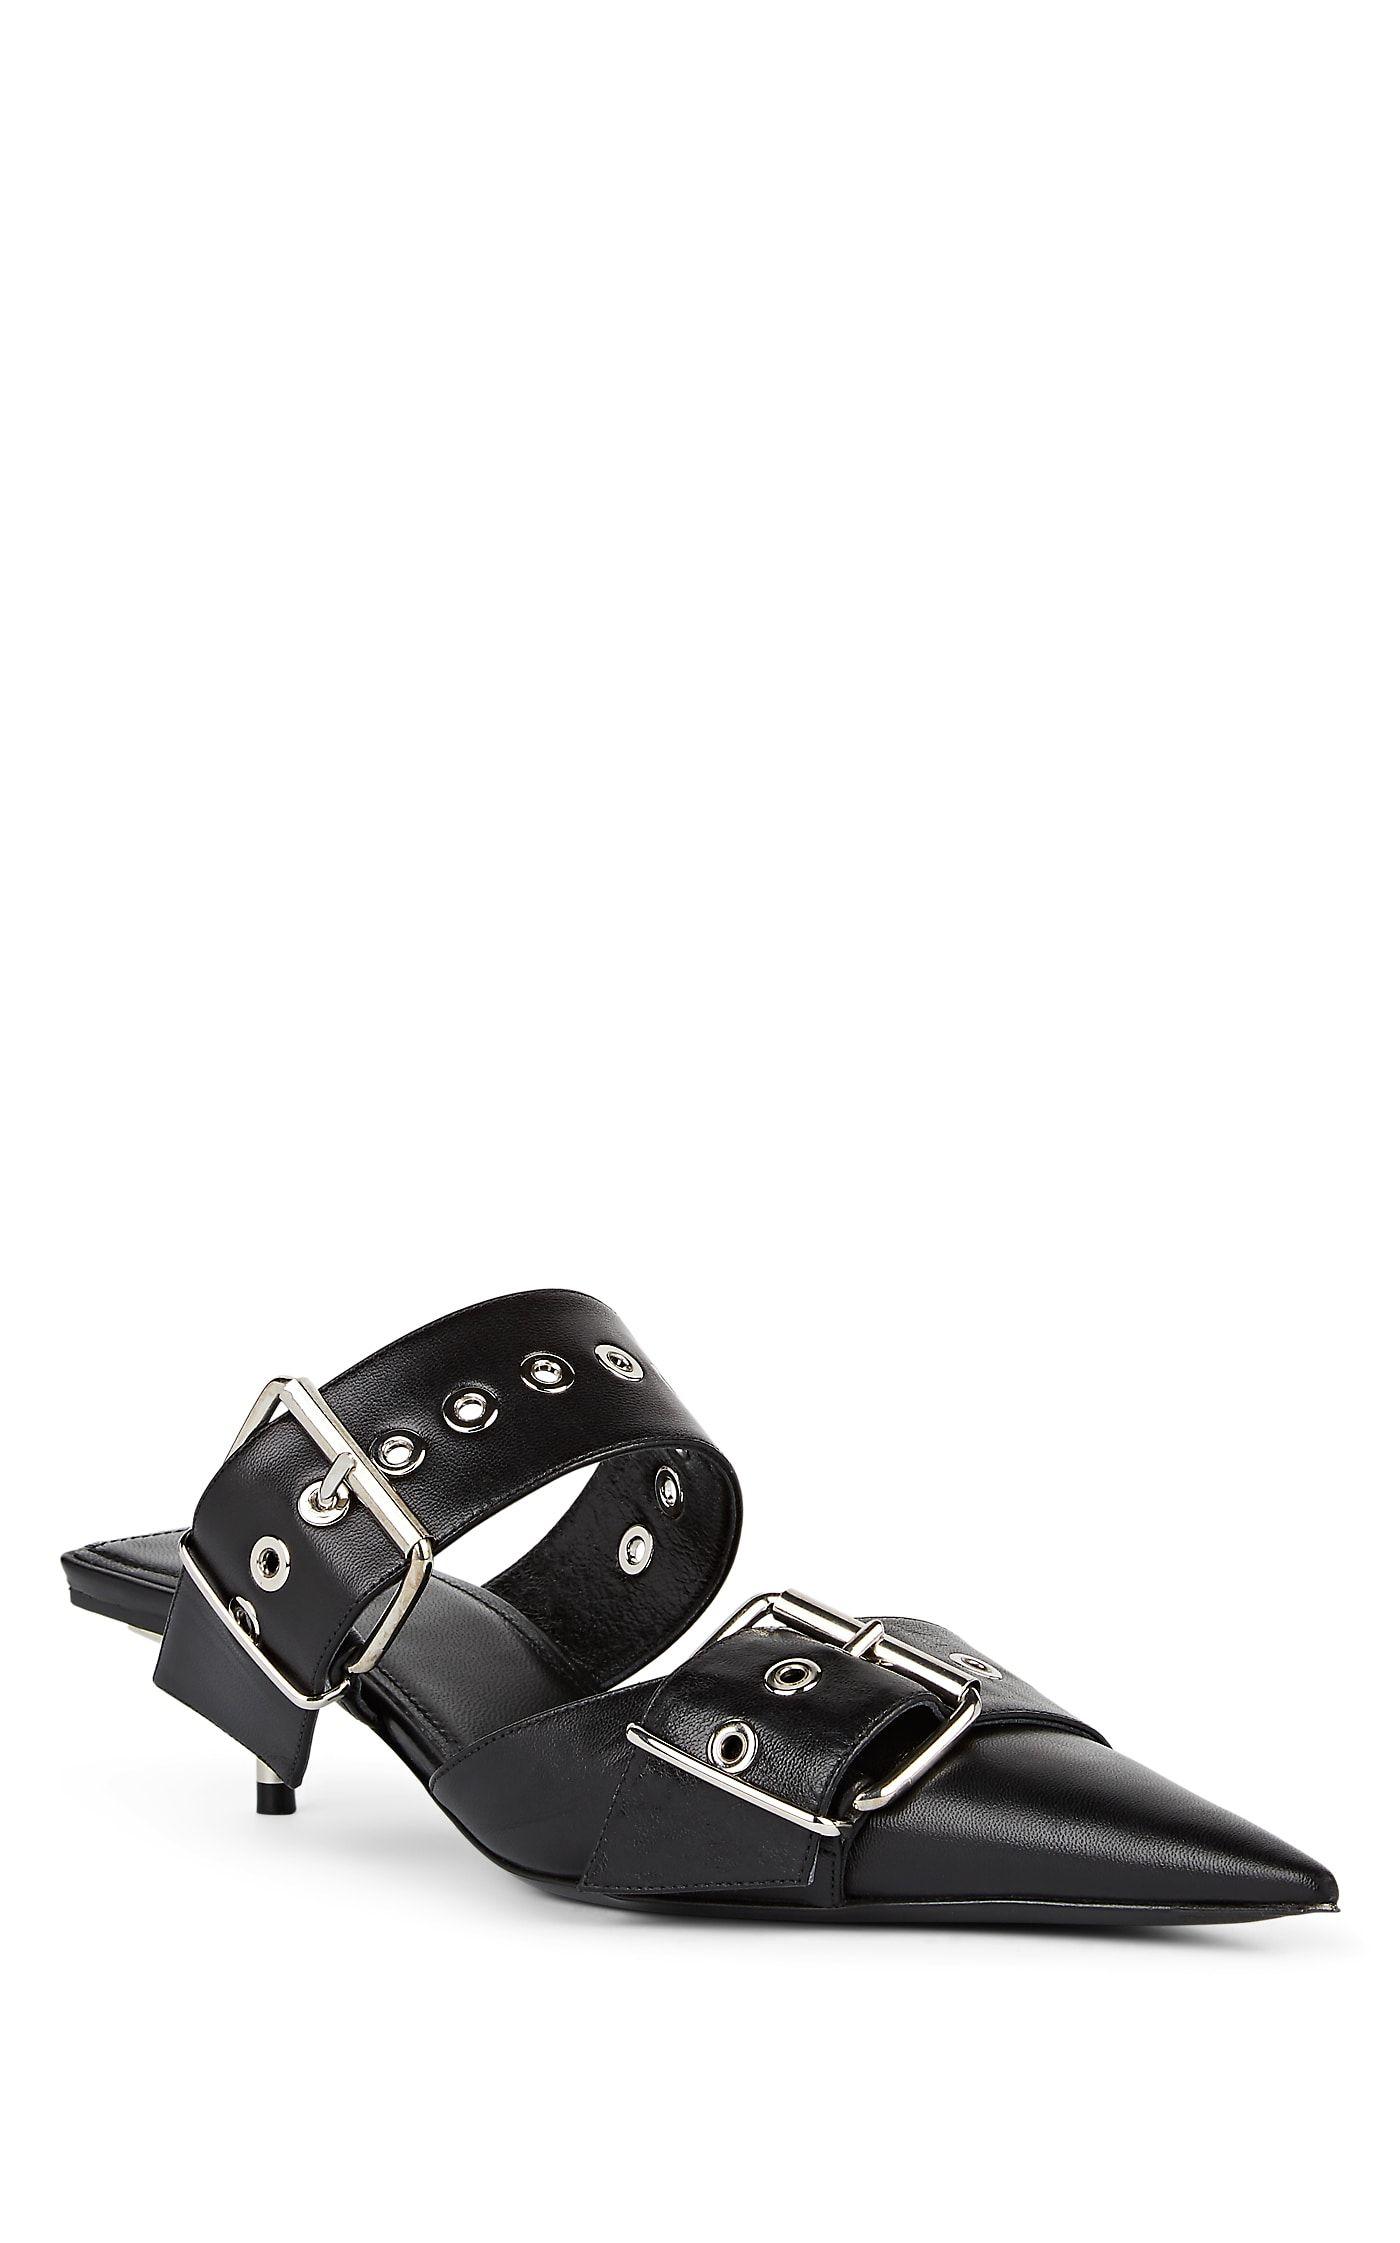 e5801958125f Balenciaga Buckle-Strap Leather Mules